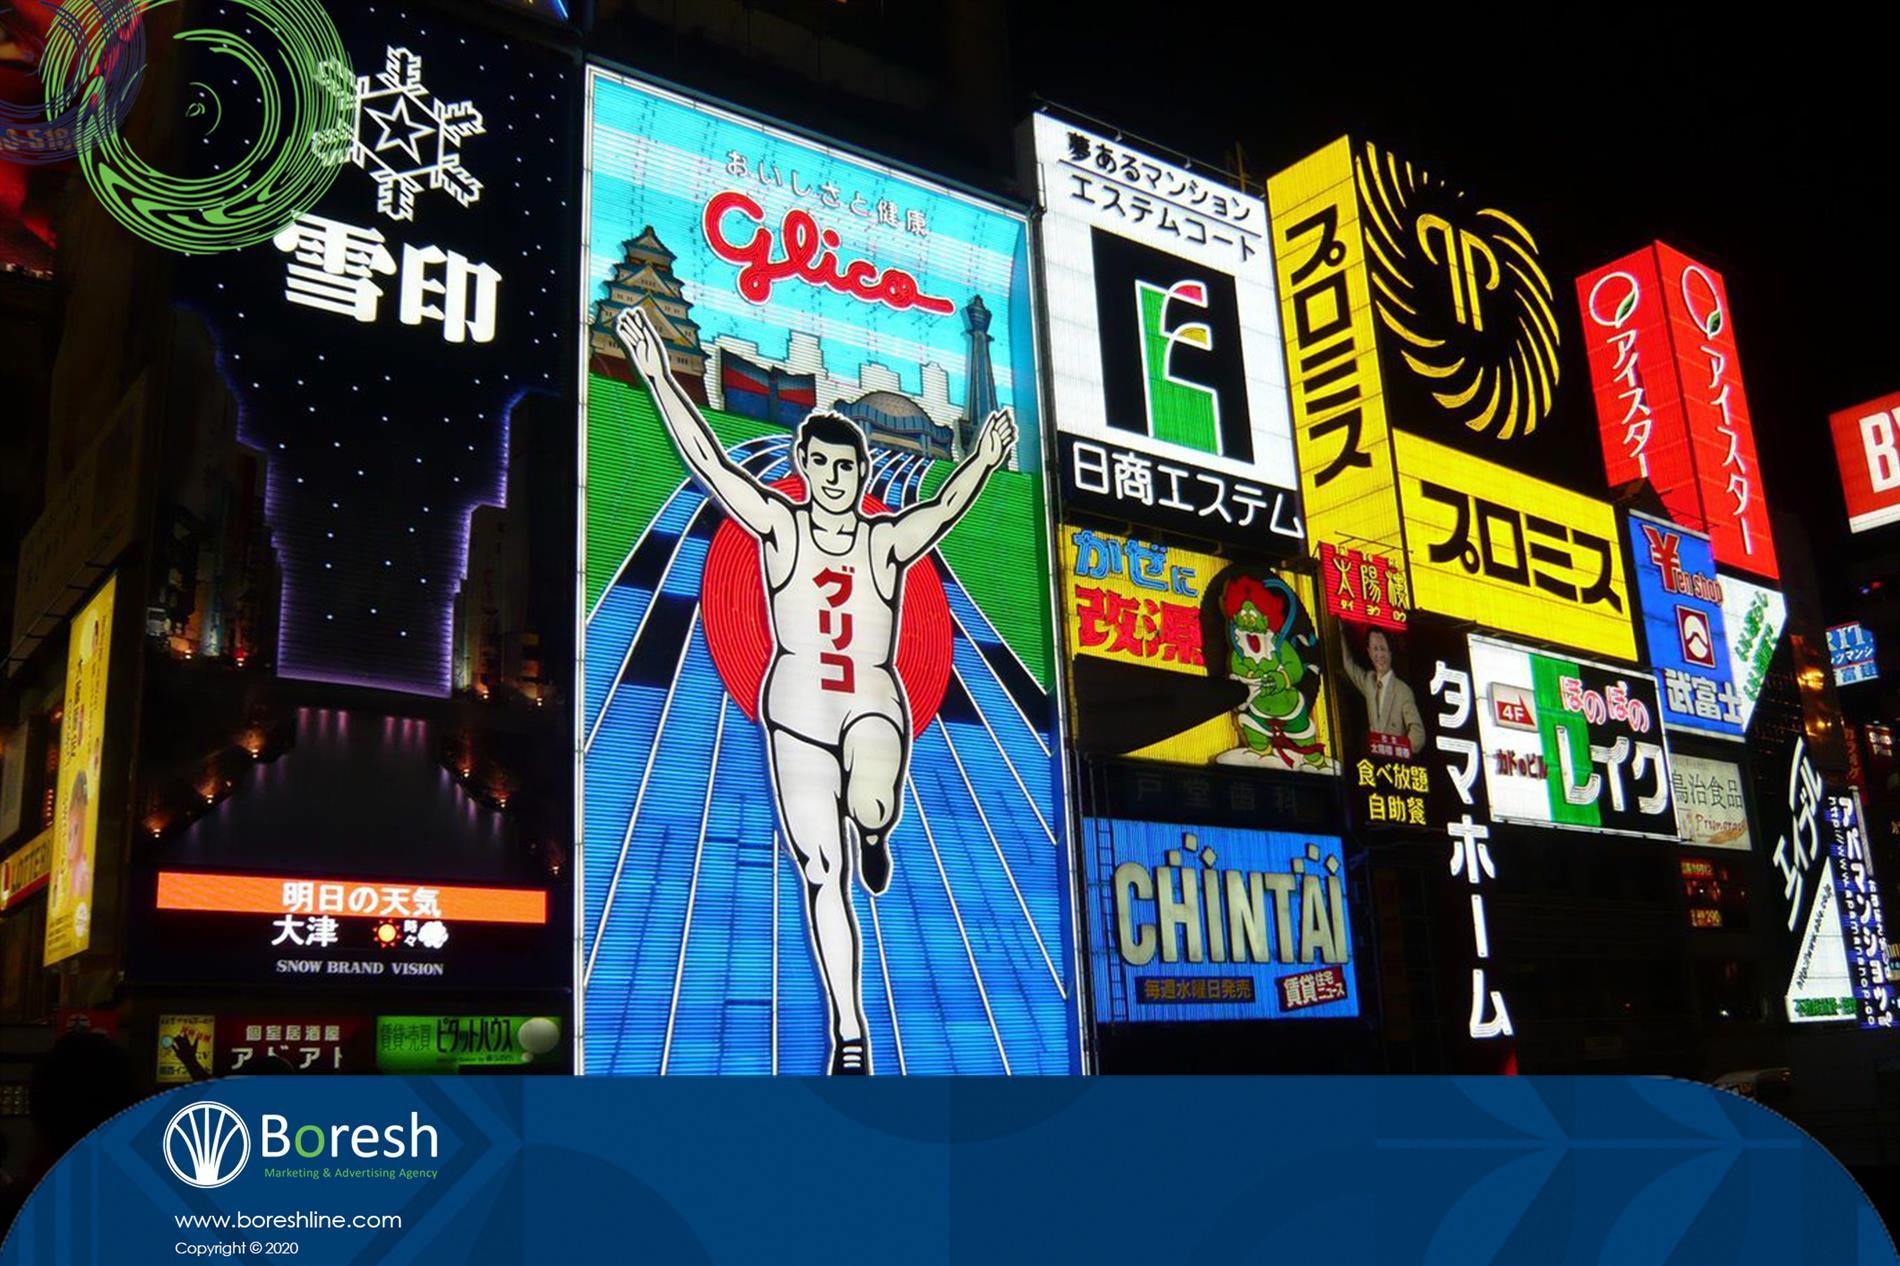 تأثیر تبلیغات - گروه برندسازی، تبلیغات،بازاریابی و توسعه کسب و کار برش